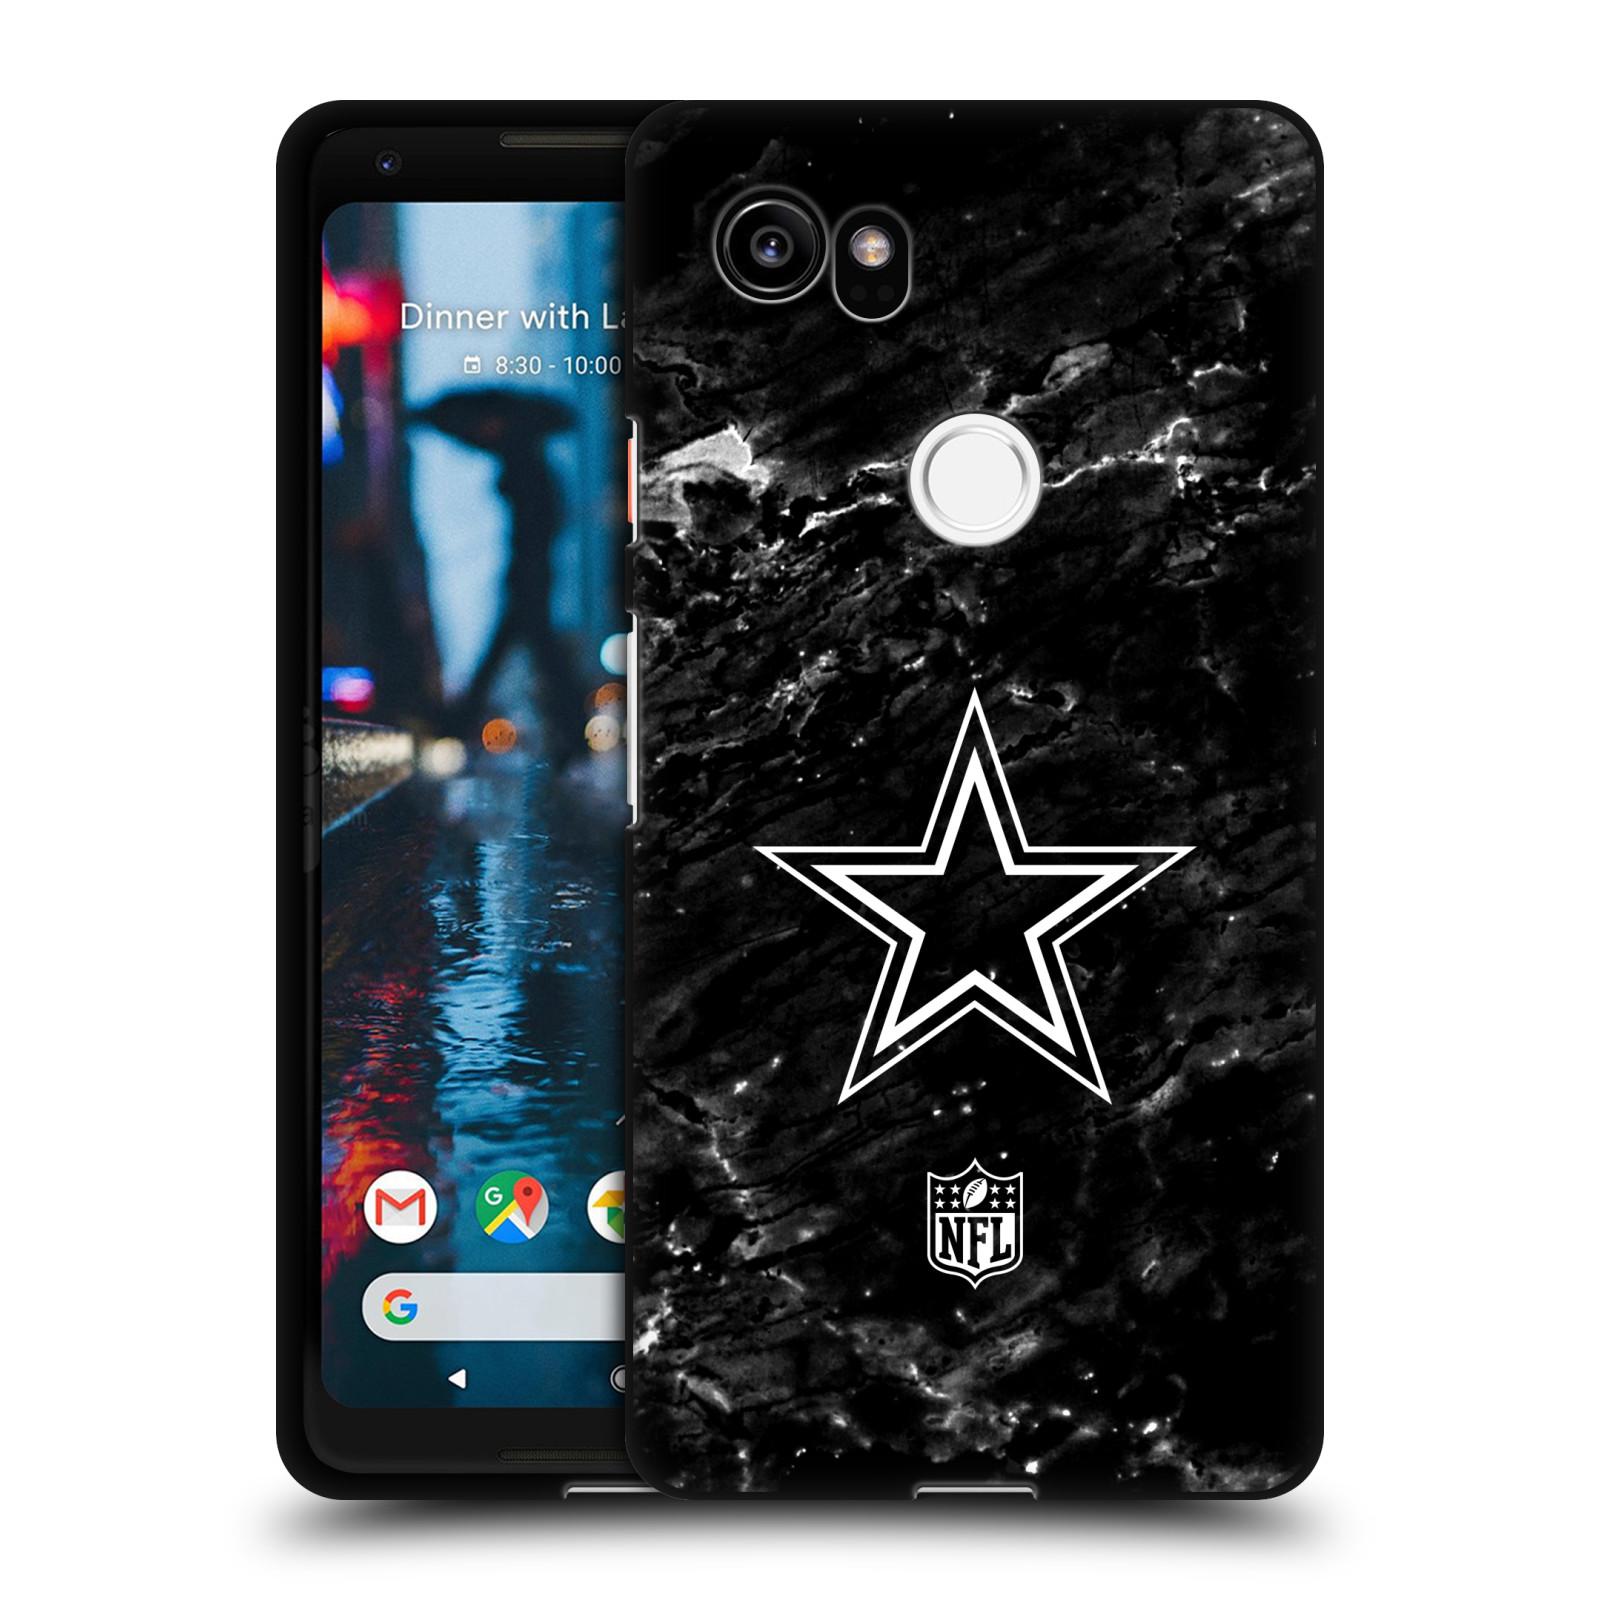 OFFICIAL-NFL-2017-18-DALLAS-COWBOYS-LOGO-BLACK-SOFT-GEL-CASE-FOR-GOOGLE-PHONES